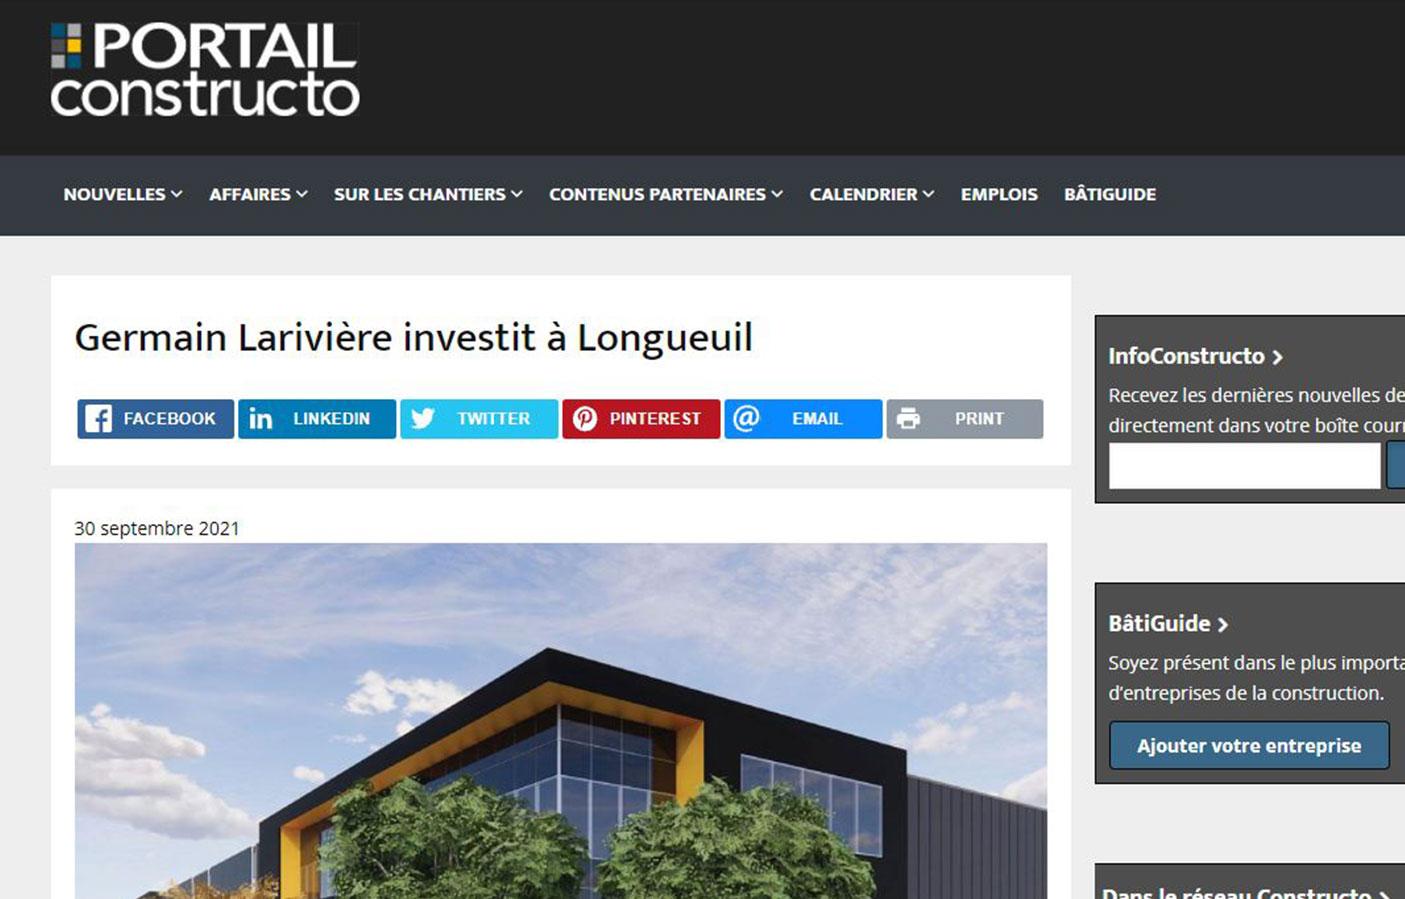 Germain Larivière investit à Longueuil